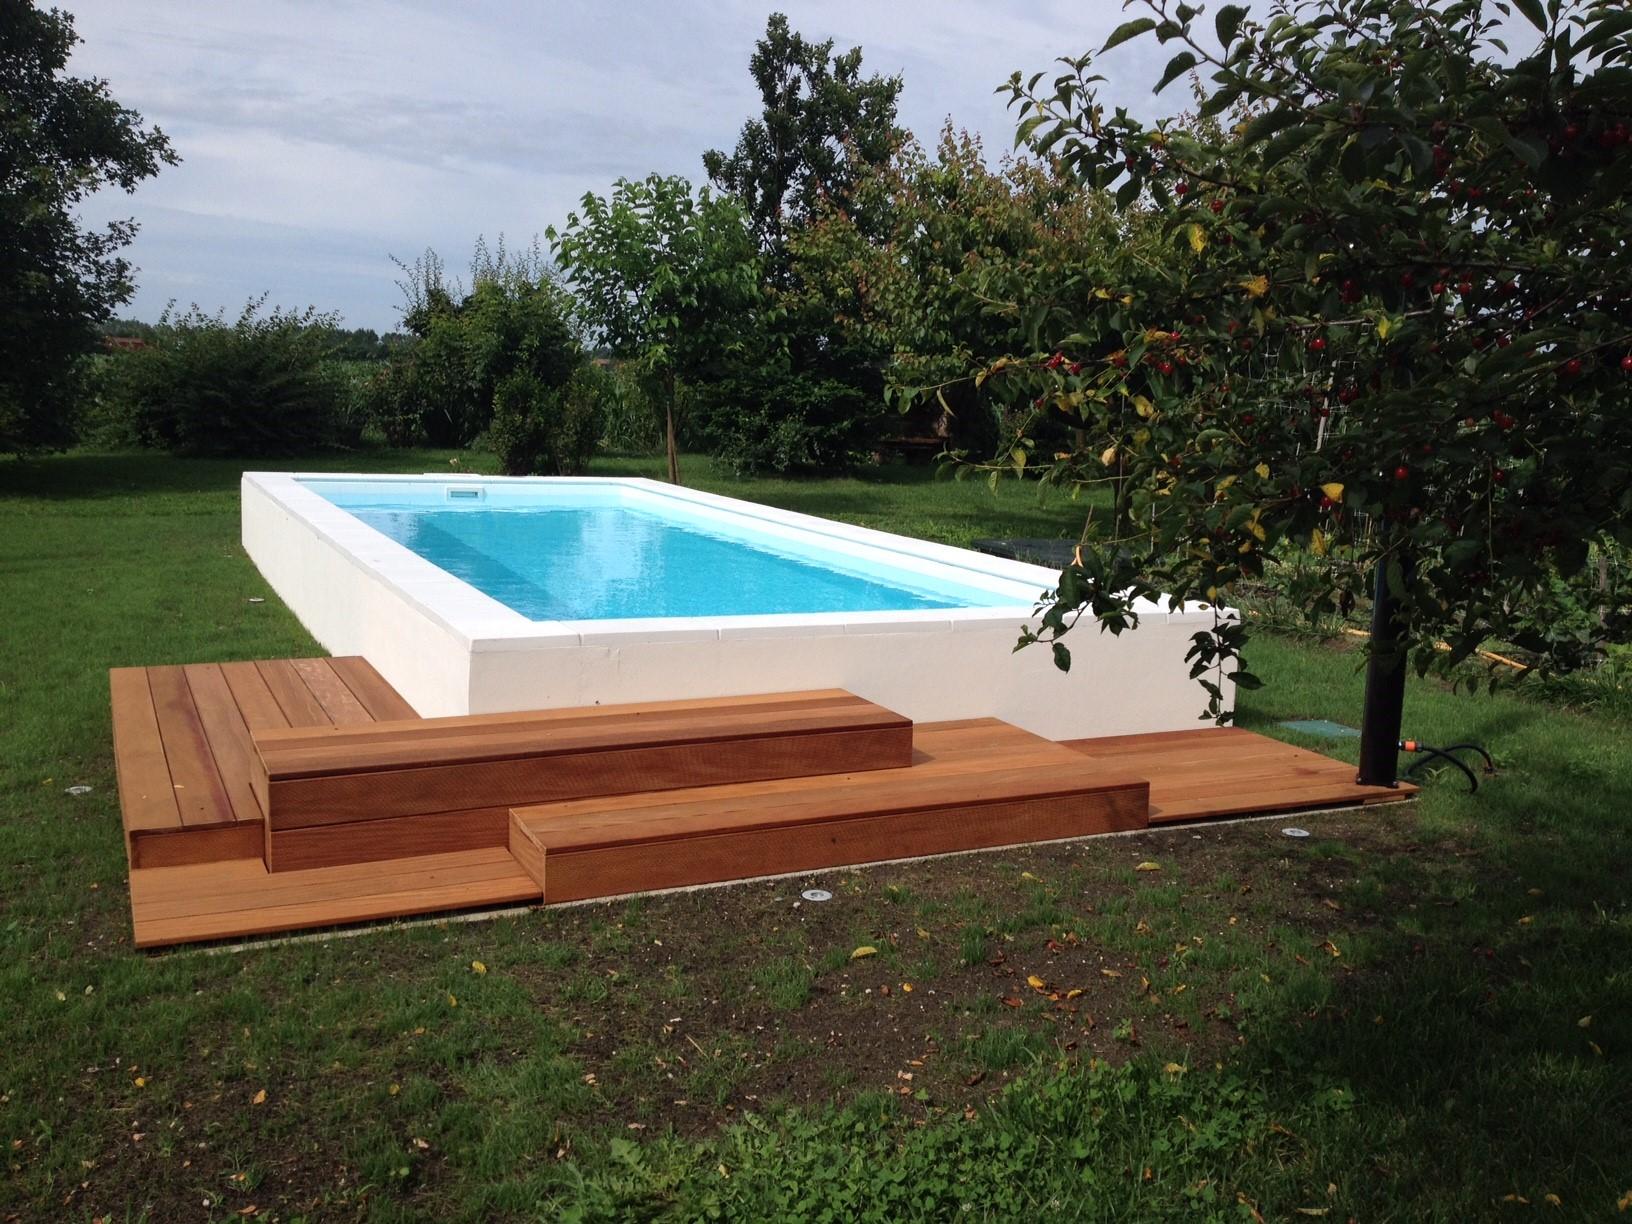 Qualche idea per la tua futura piscina interrata piscine - Piscina seminterrata prezzi ...